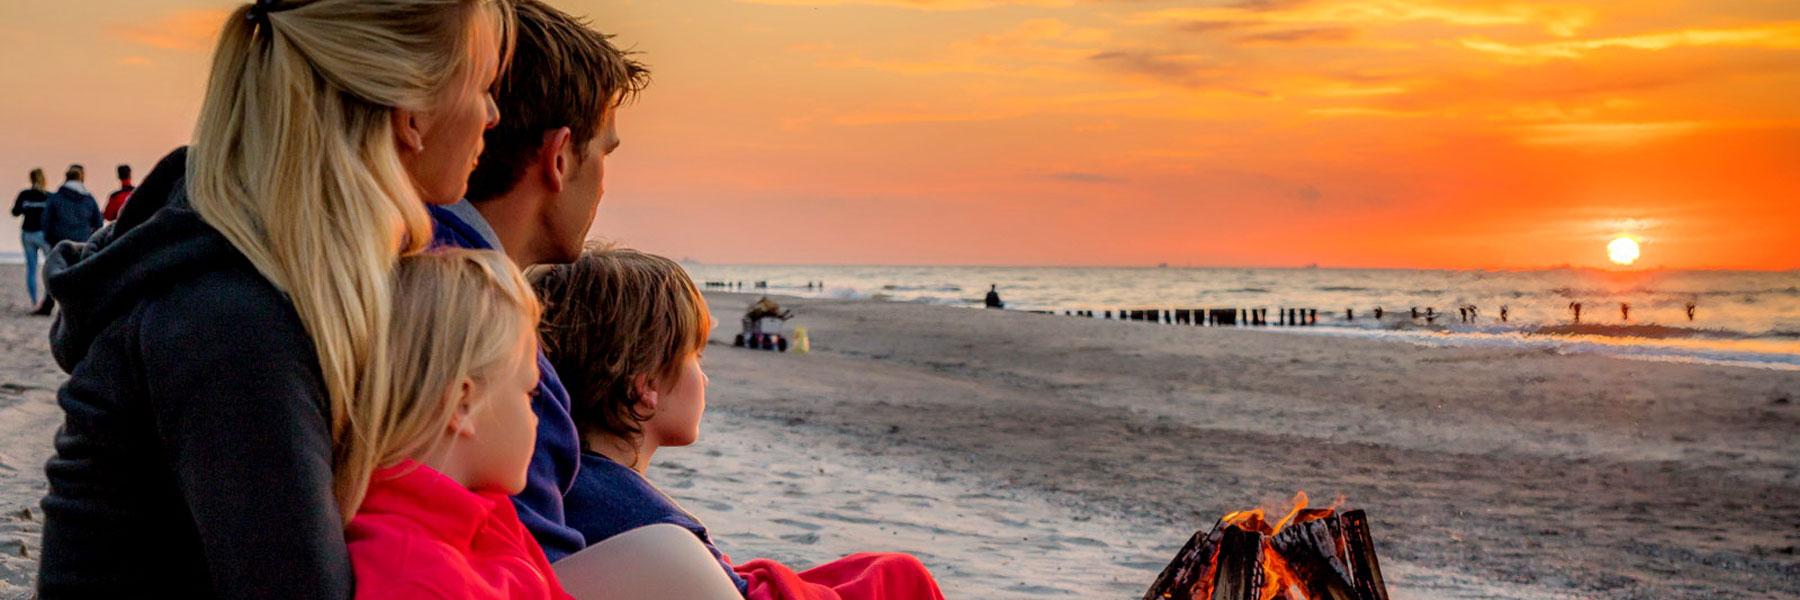 Abendstimmung am Strand - Ostseecamp-Ferienpark